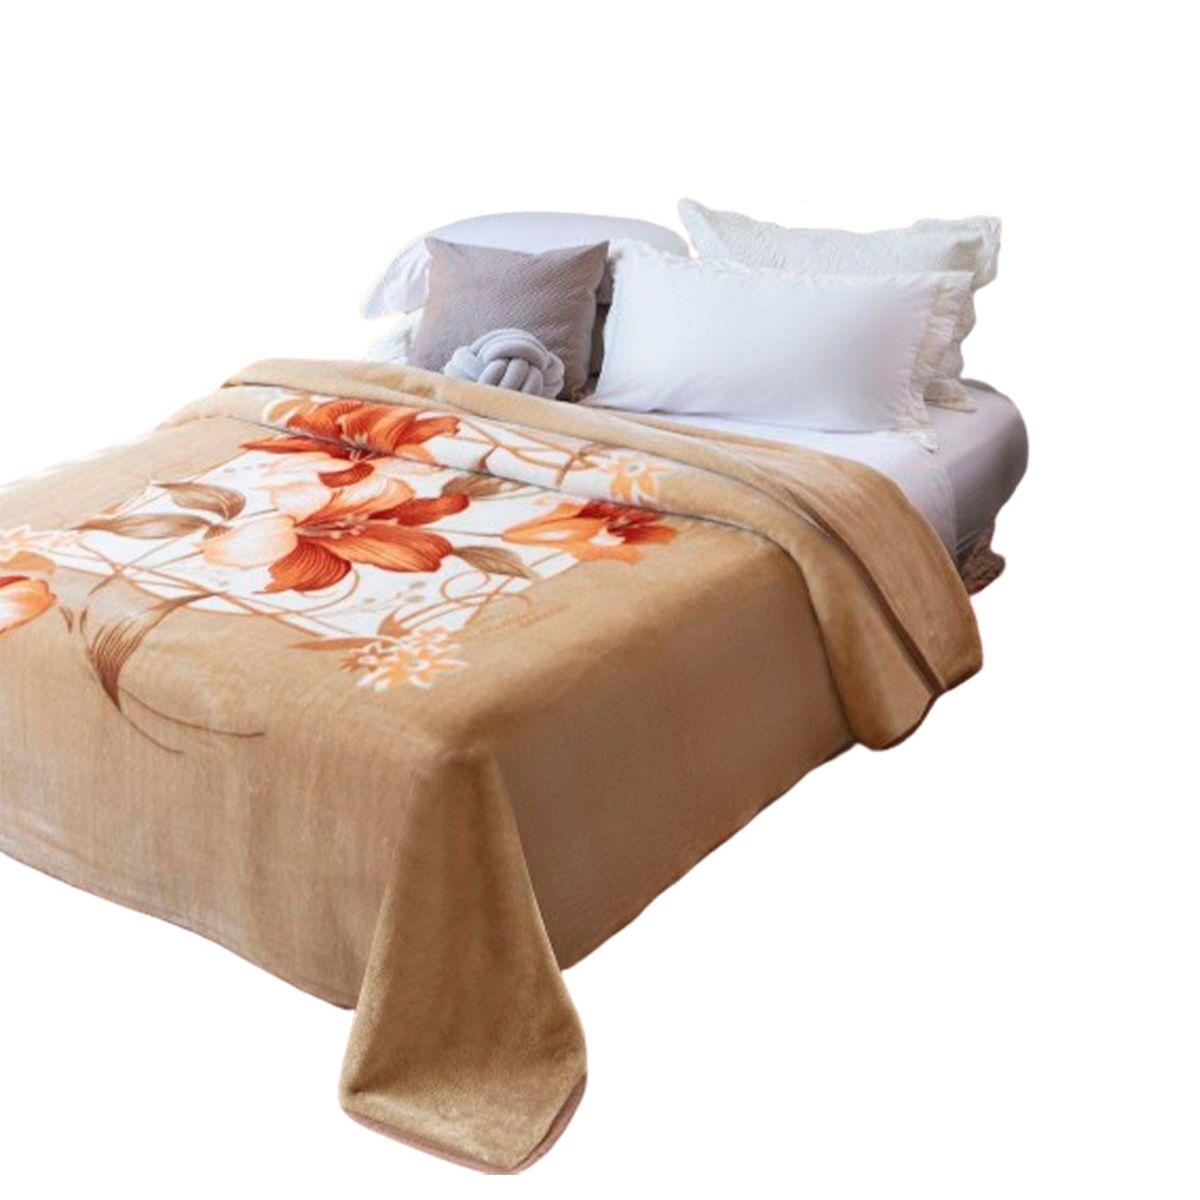 Cobertor Raschel Plus Casal Poliester Estampado Molino 180x220cm